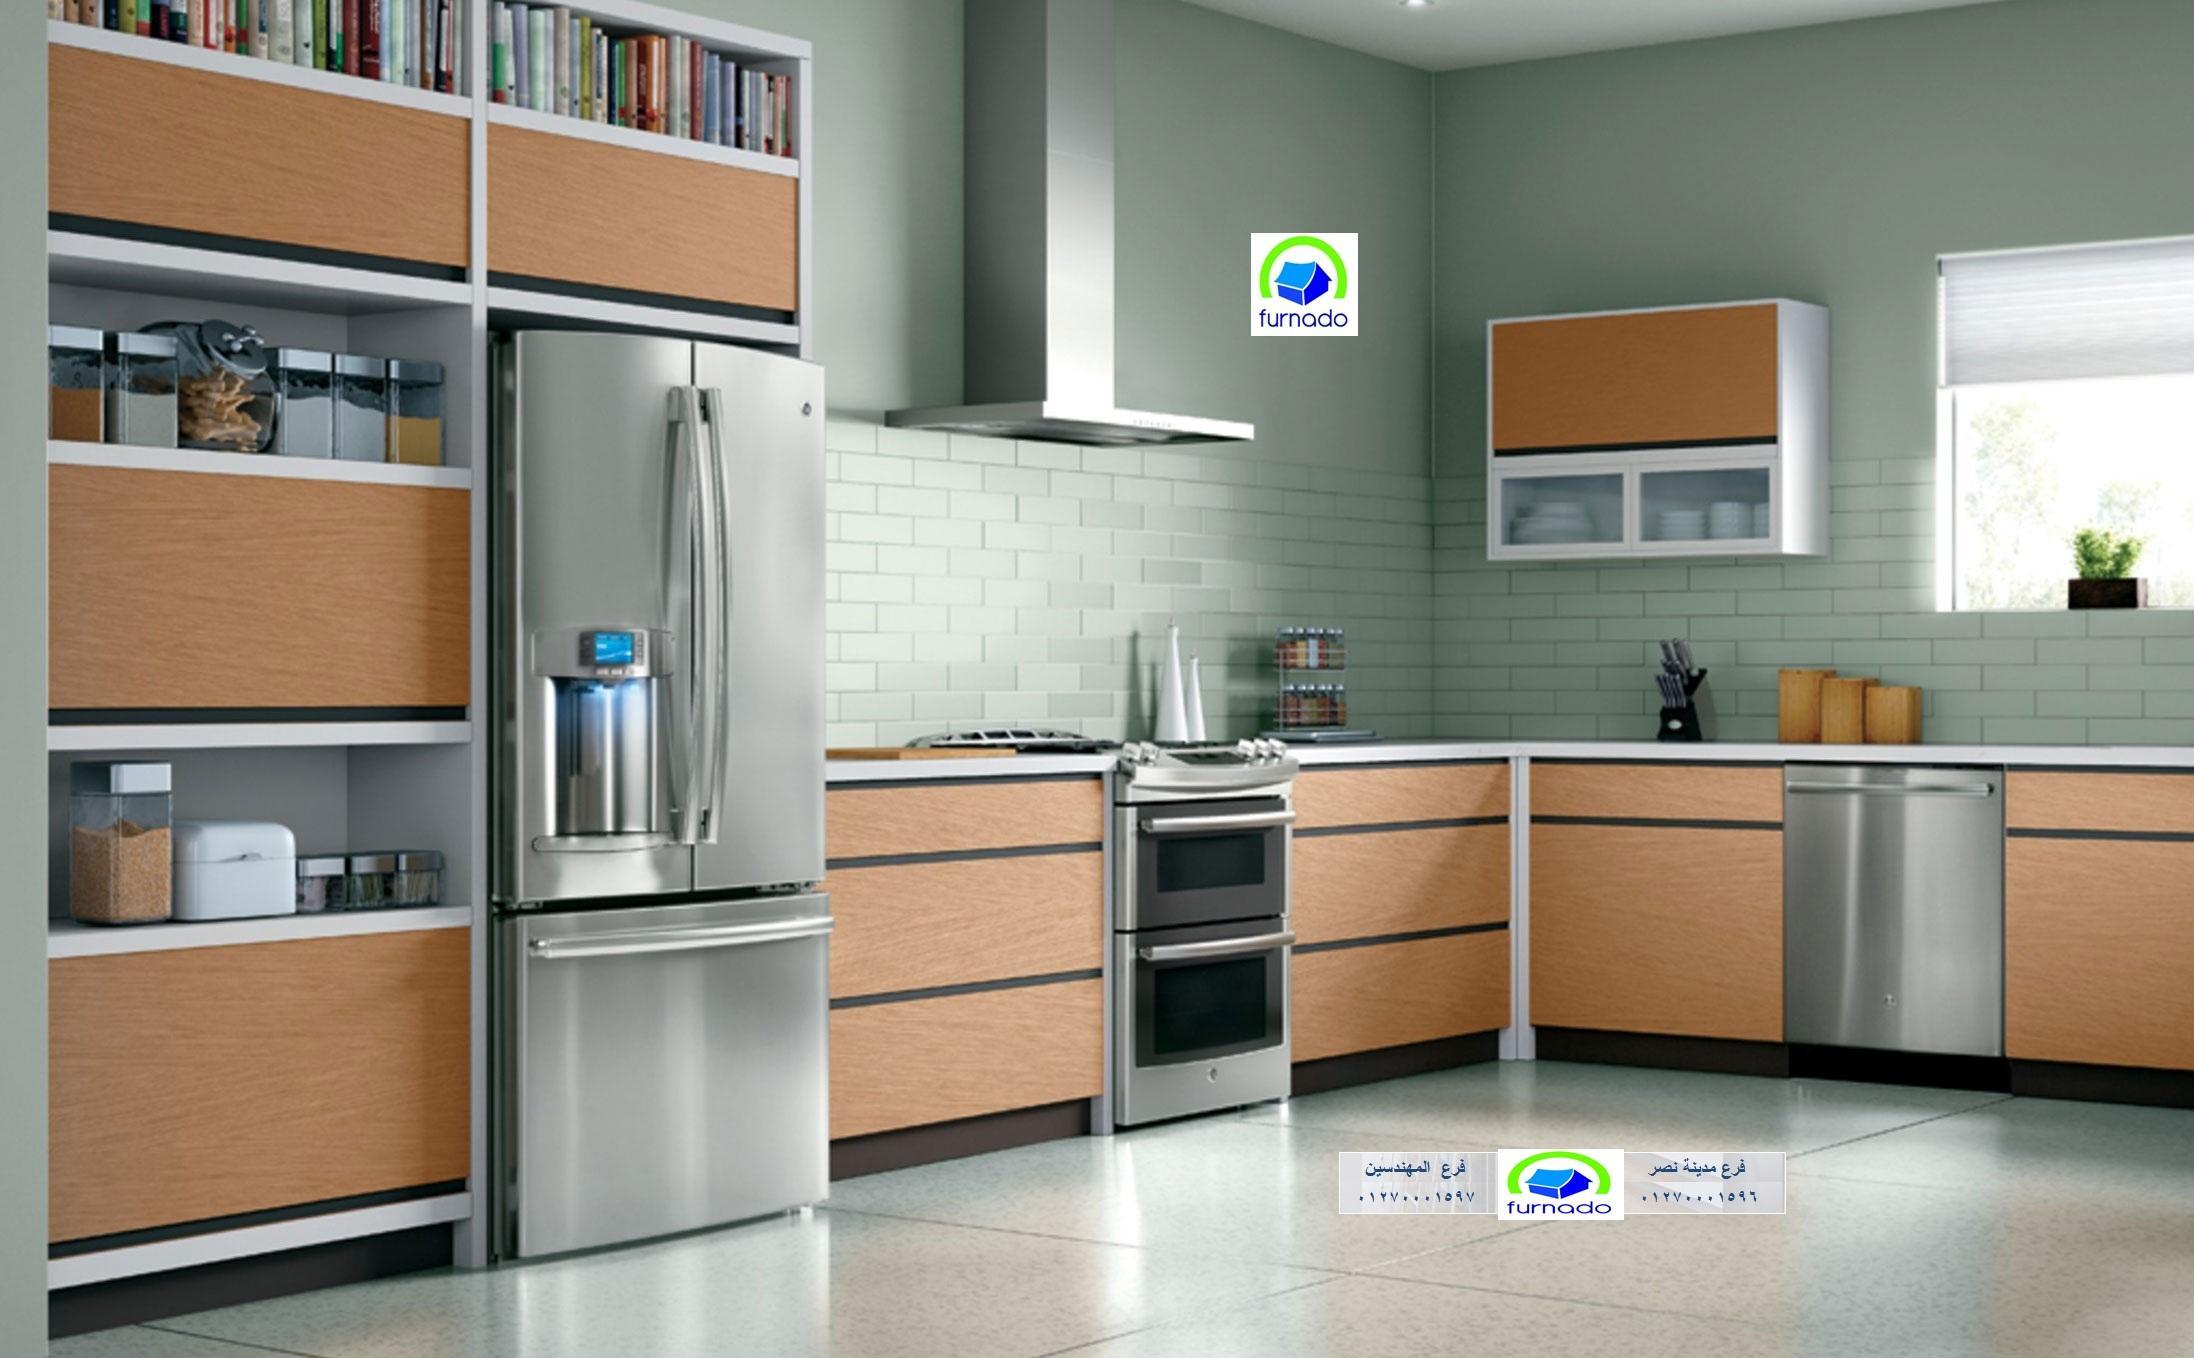 شركة مطابخ – افضل سعر مطبخ خشب  01270001597  130625329